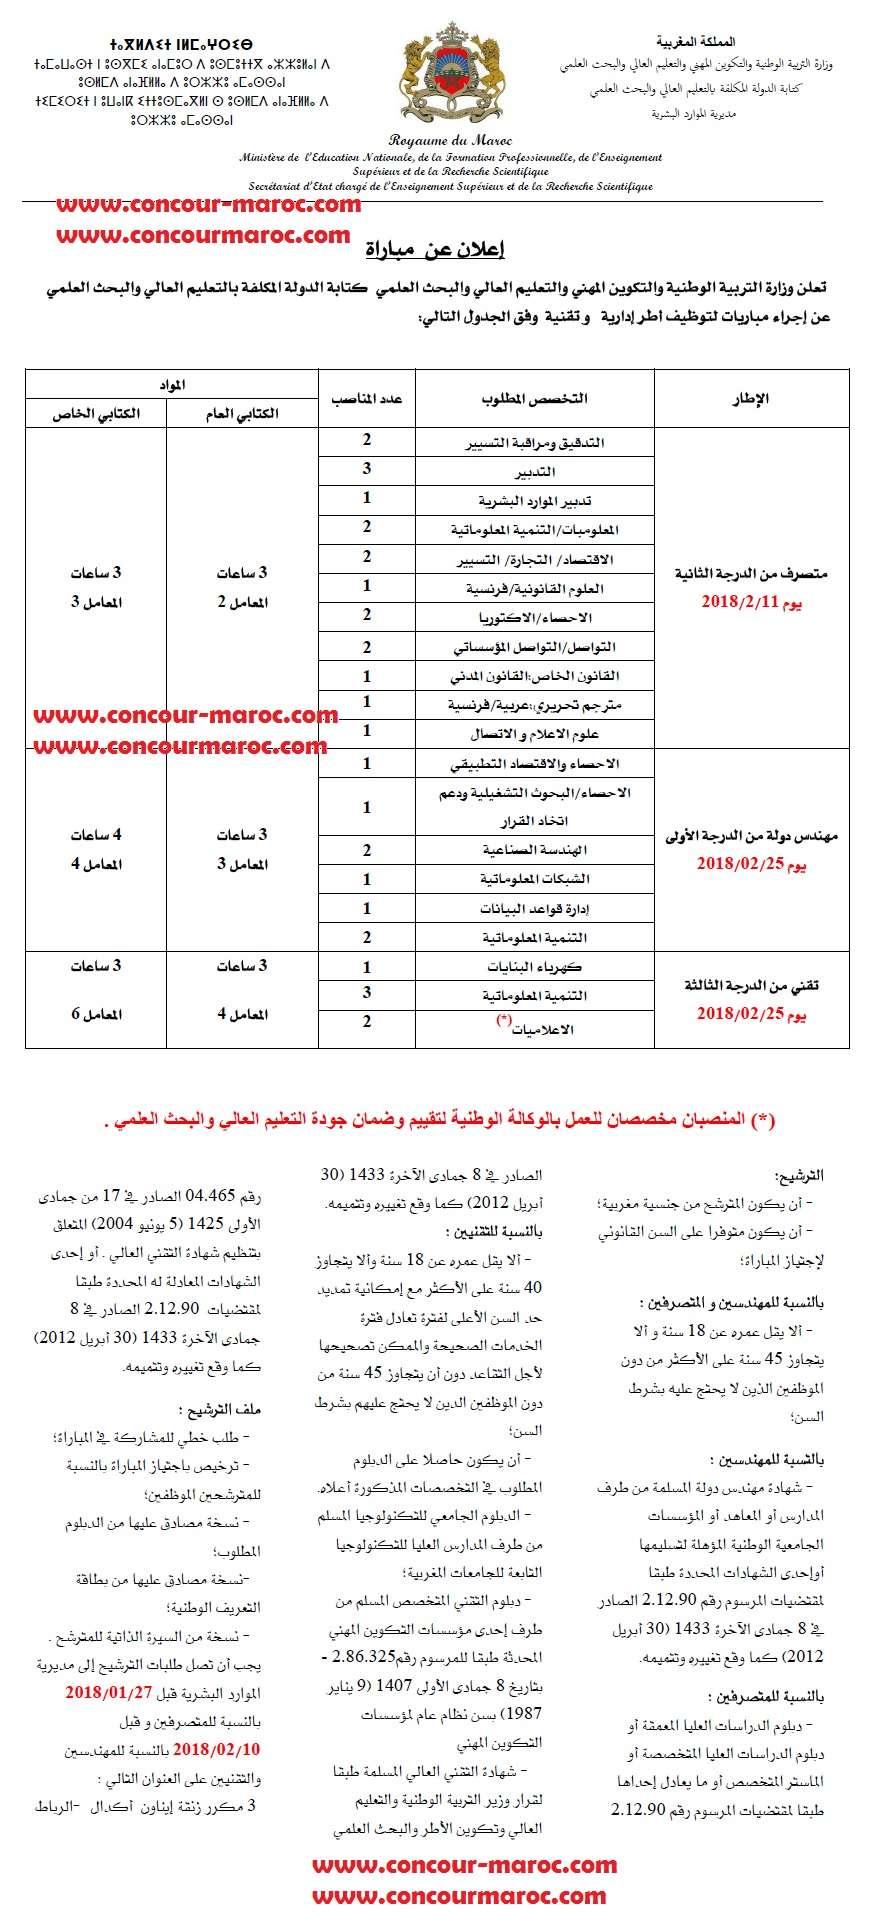 وزارة التعليم العالي و البحث العلمي و تكوين الأطر : مباريات توظيف 32 منصب من تقنيين و اطر و مهندسين اخر اجل 27 يناير و 10 فبراير 2018    Enssup10